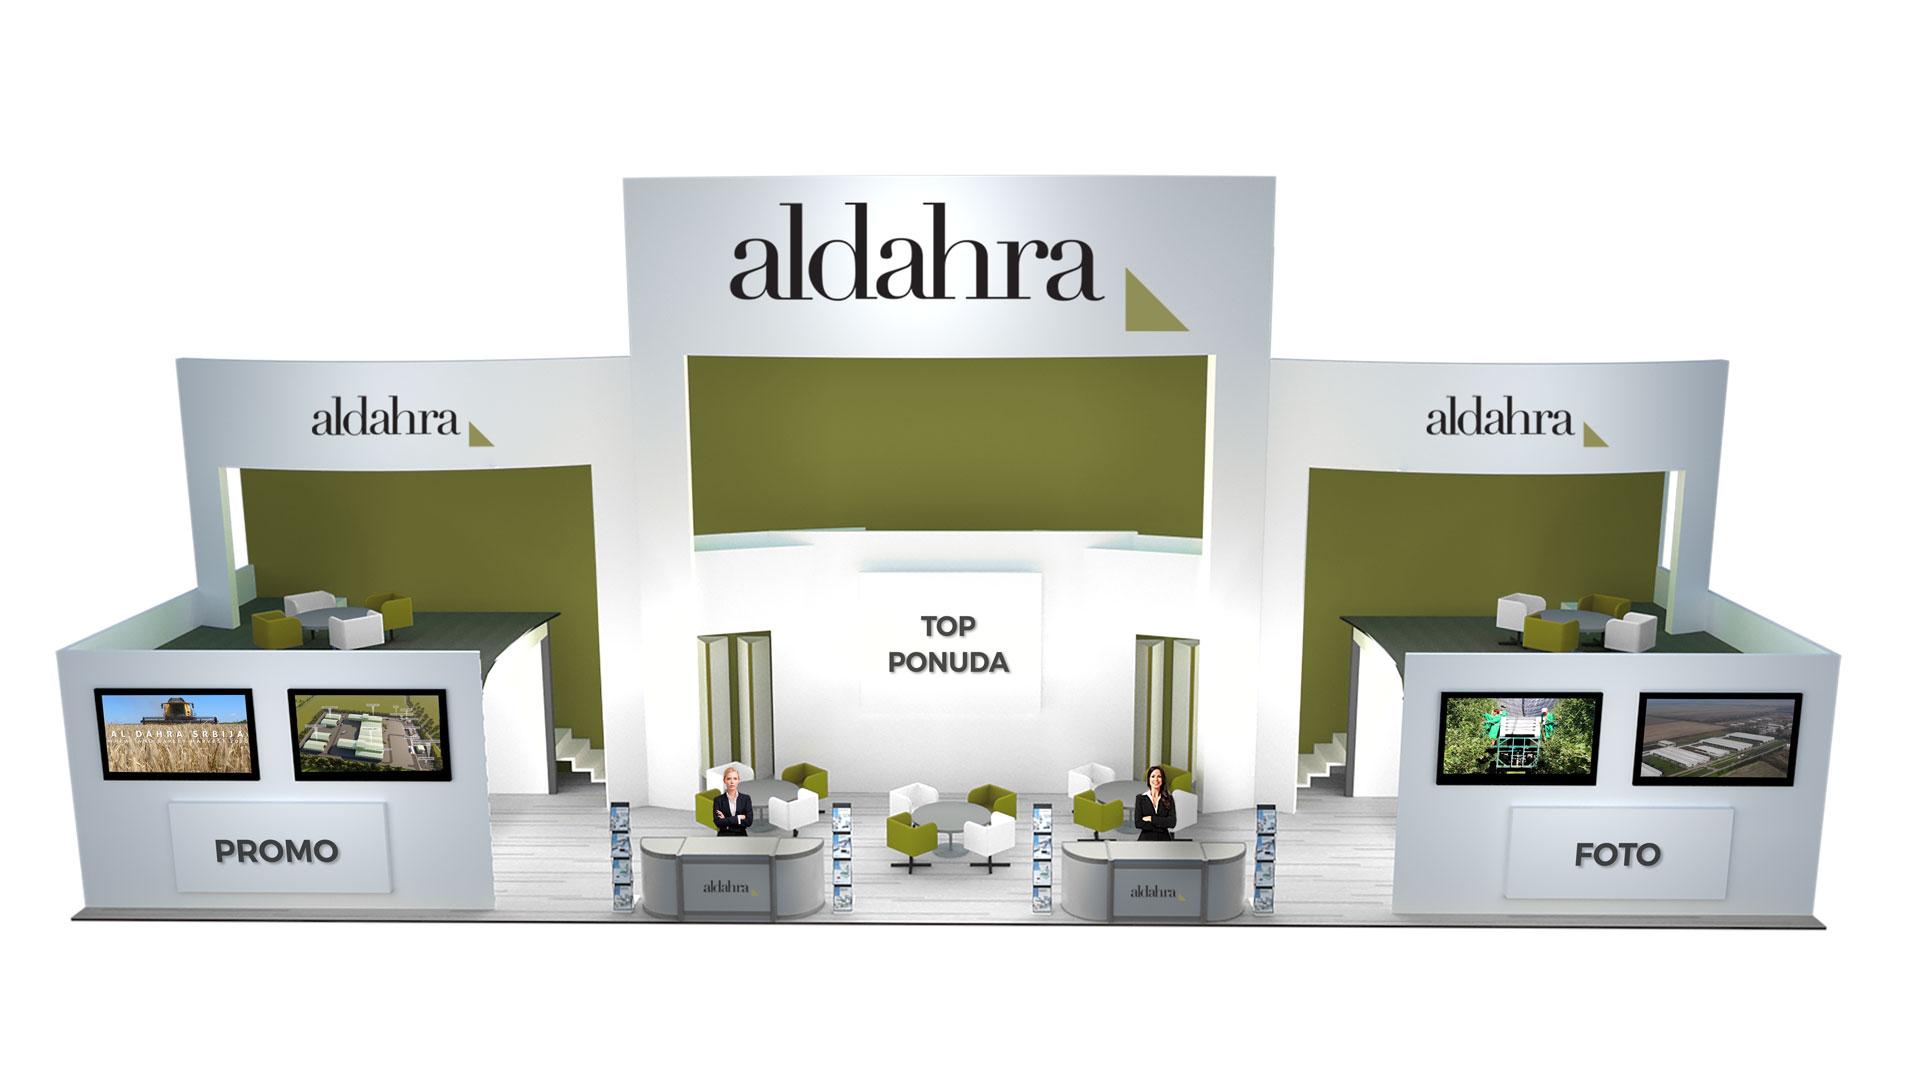 Al dahra